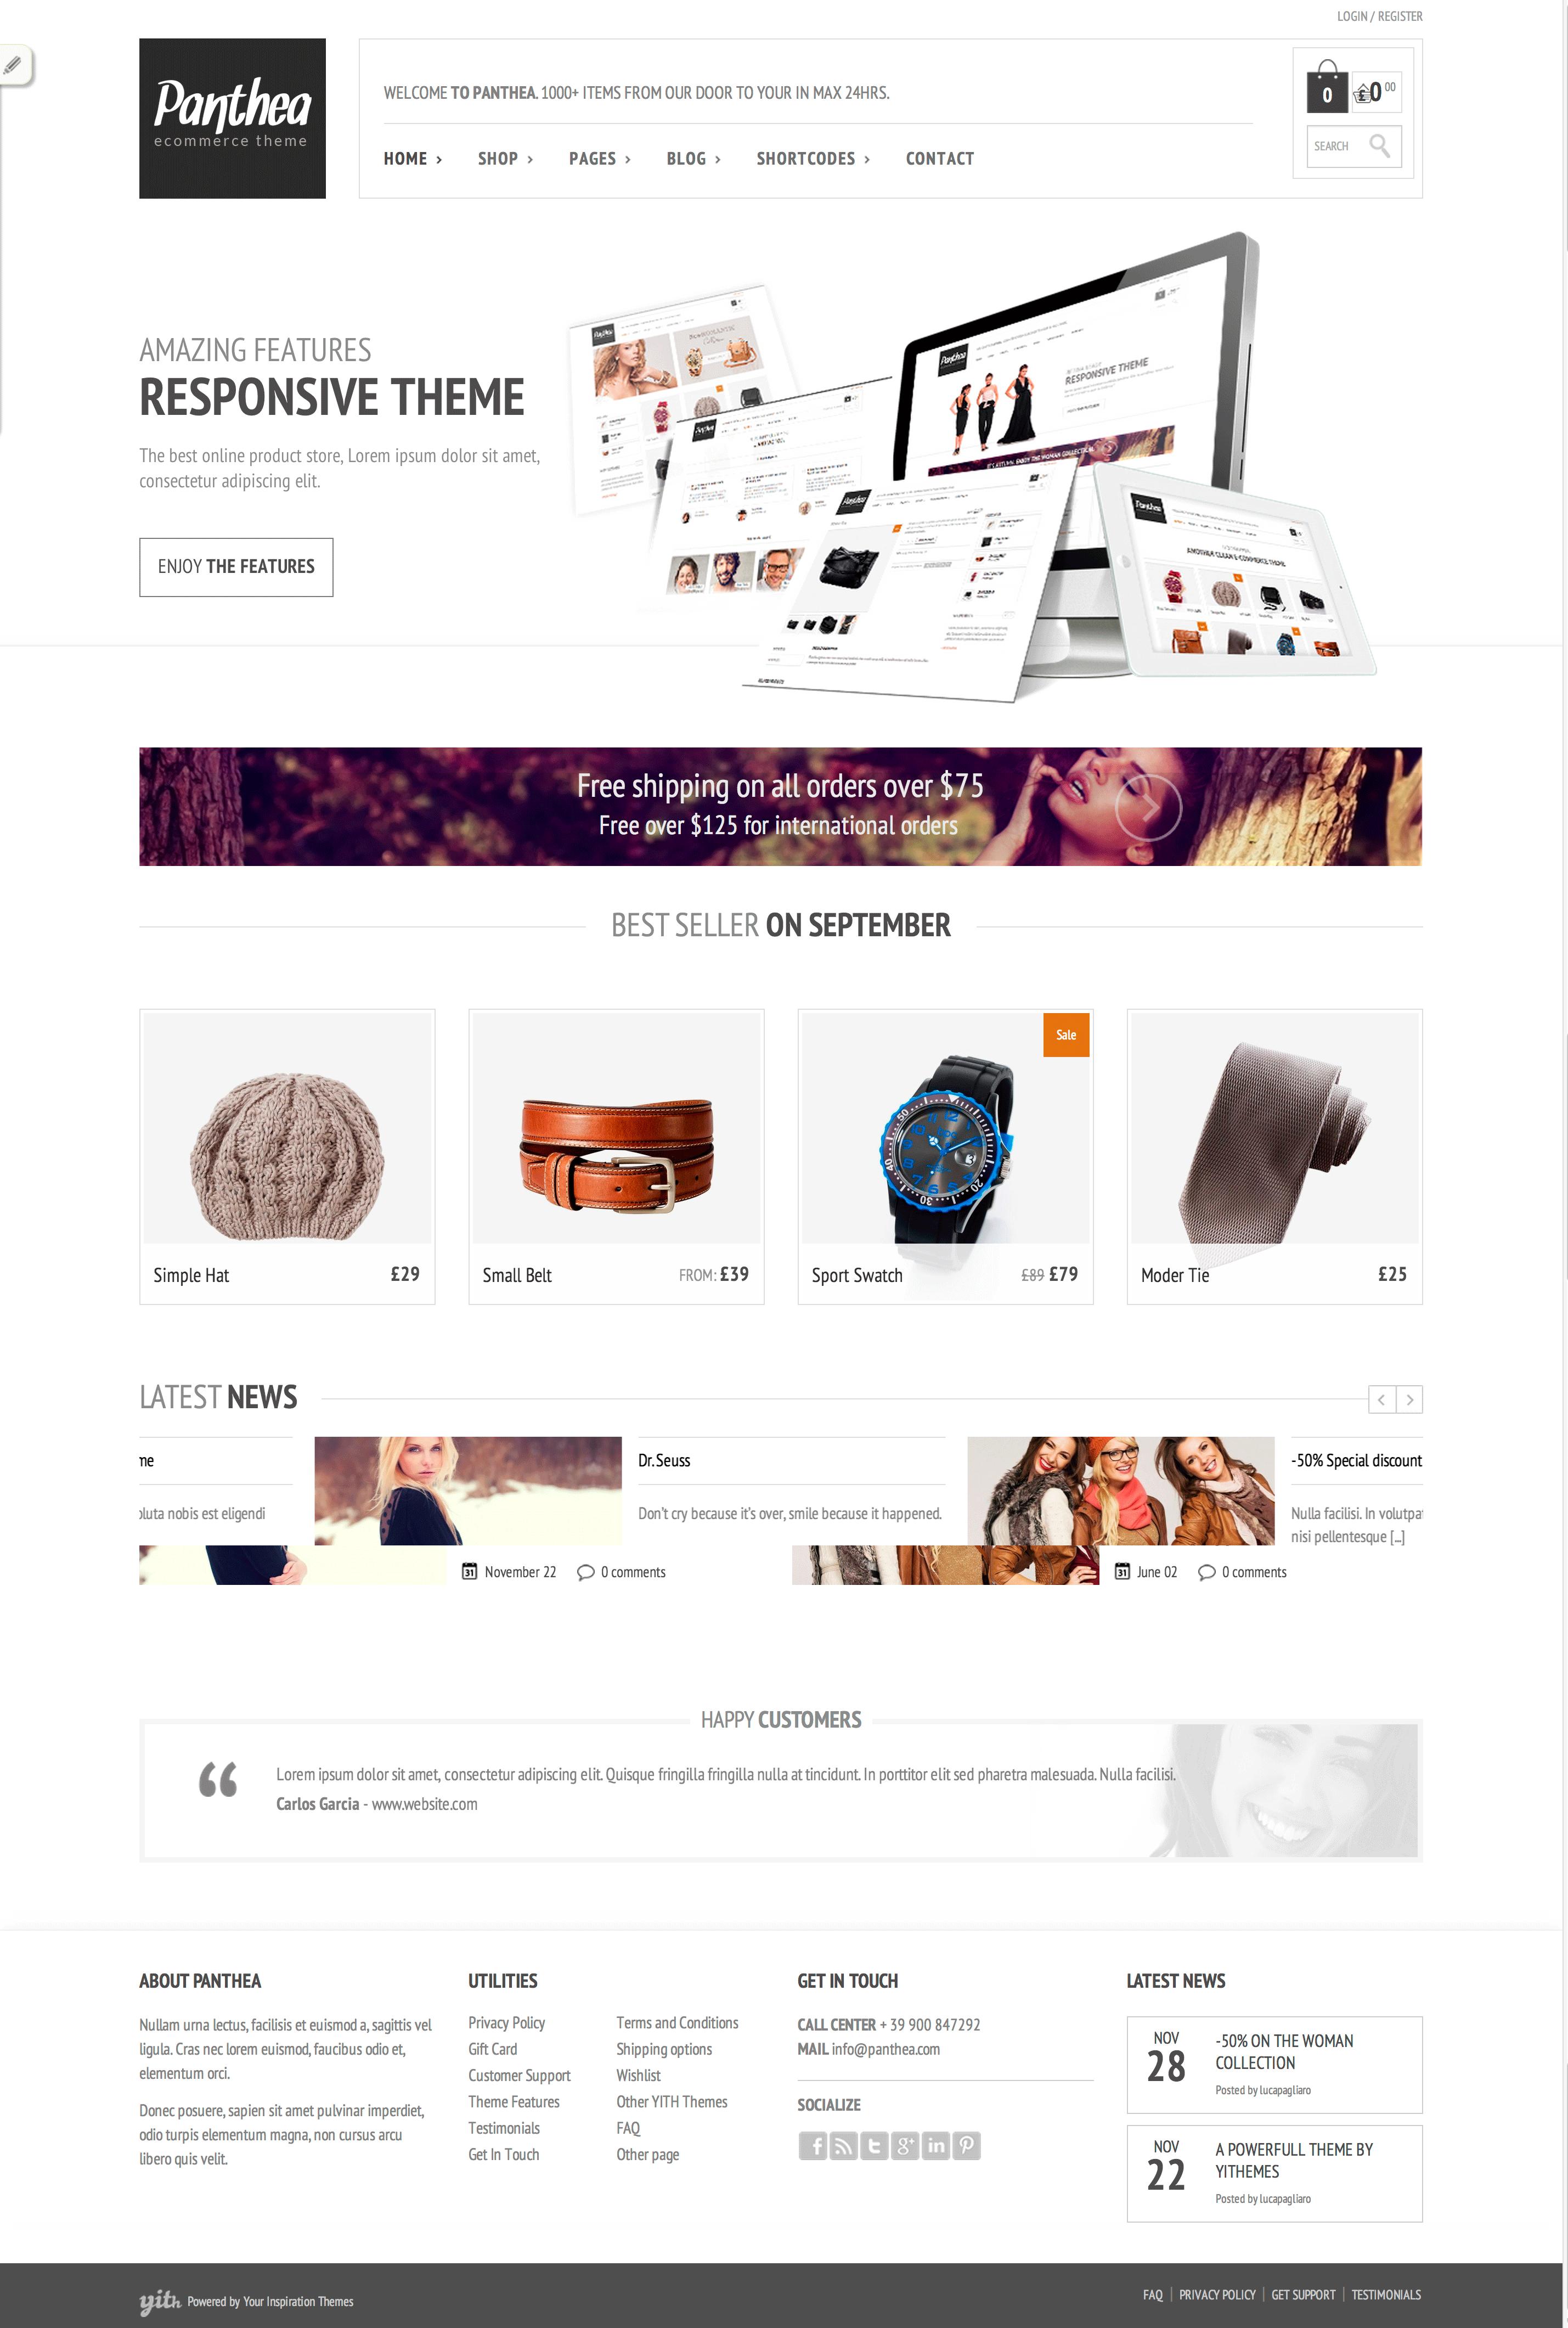 Panthea Ecommerce Wordpress Theme Free   Wordpress themes   Pinterest